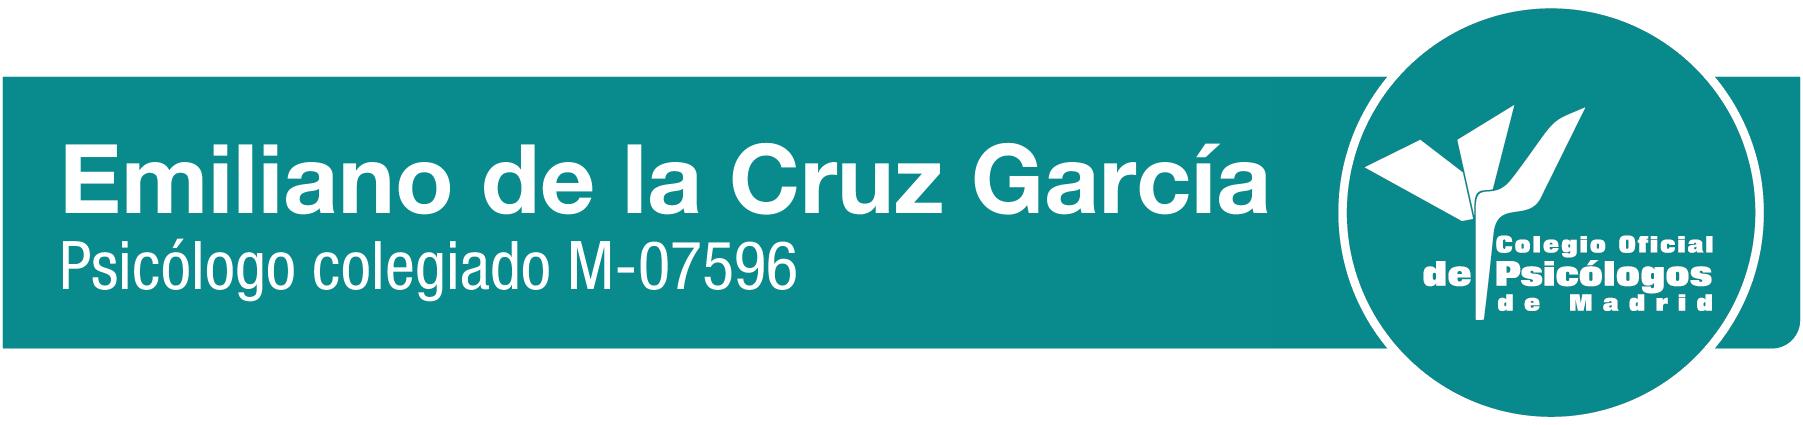 Emiliano de la Cruz García